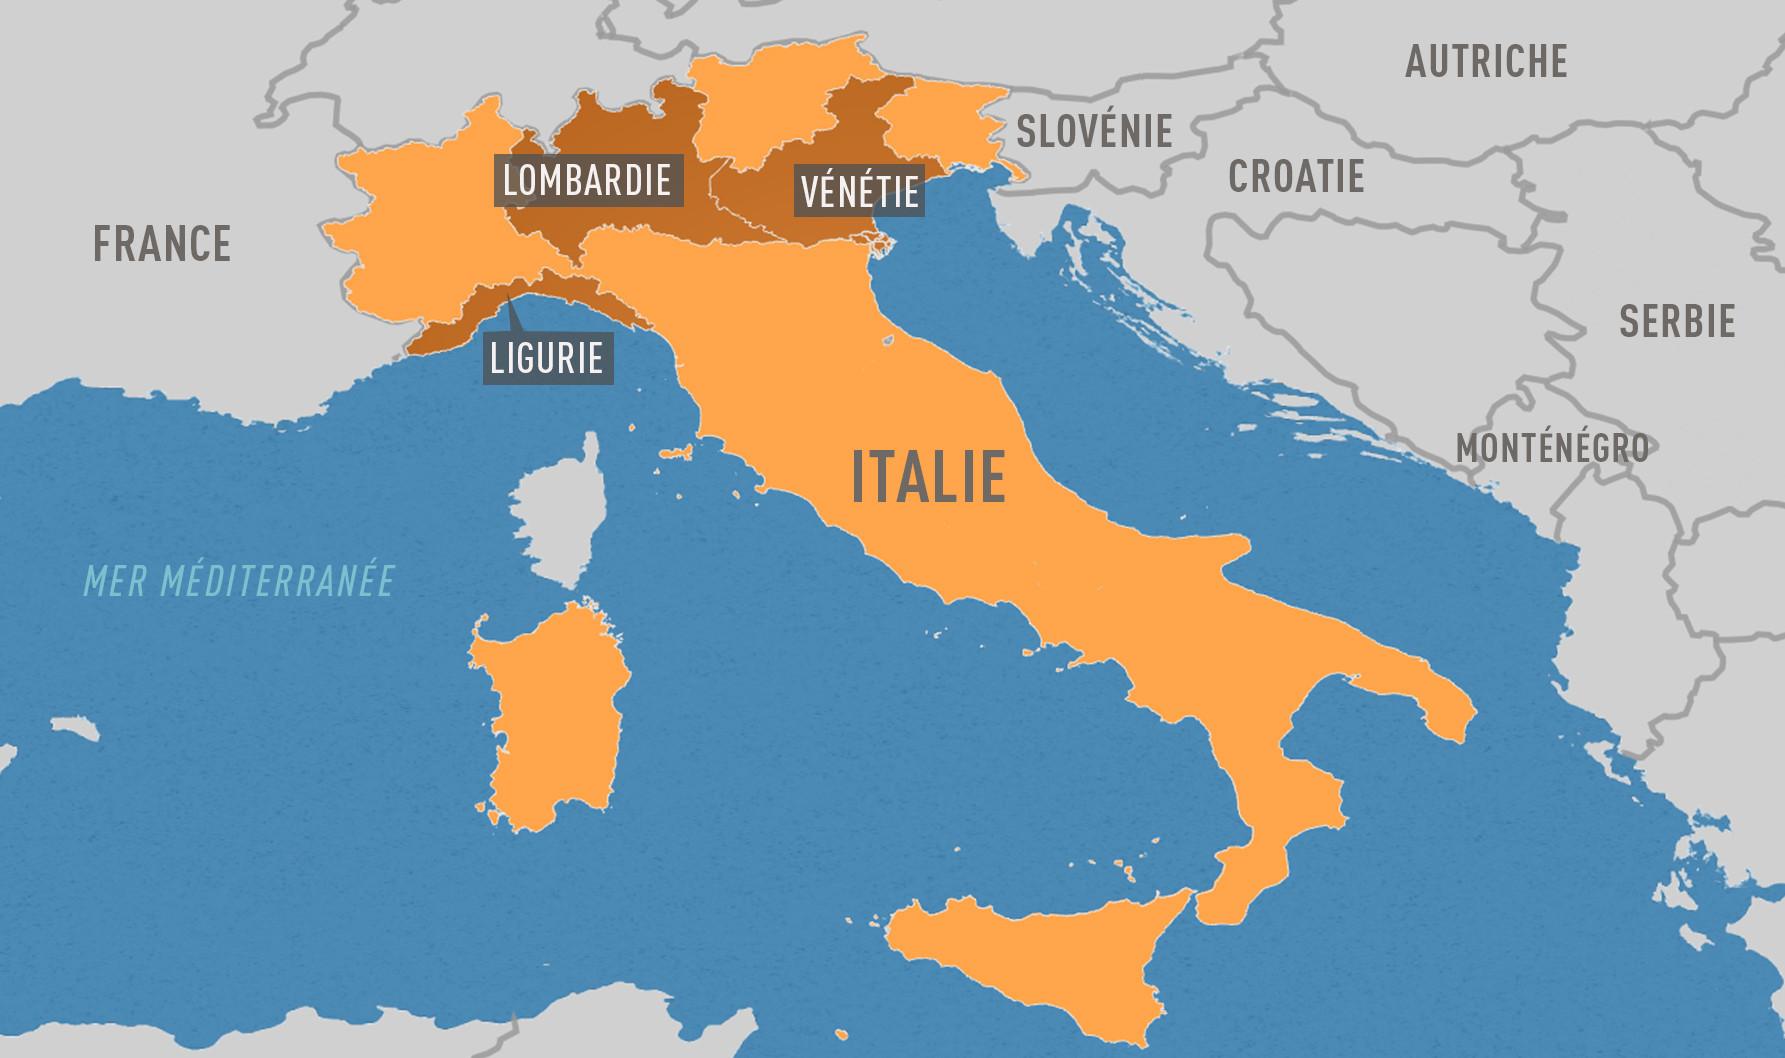 La plus riche des régions italiennes adopte une résolution contre les sanctions antirusses